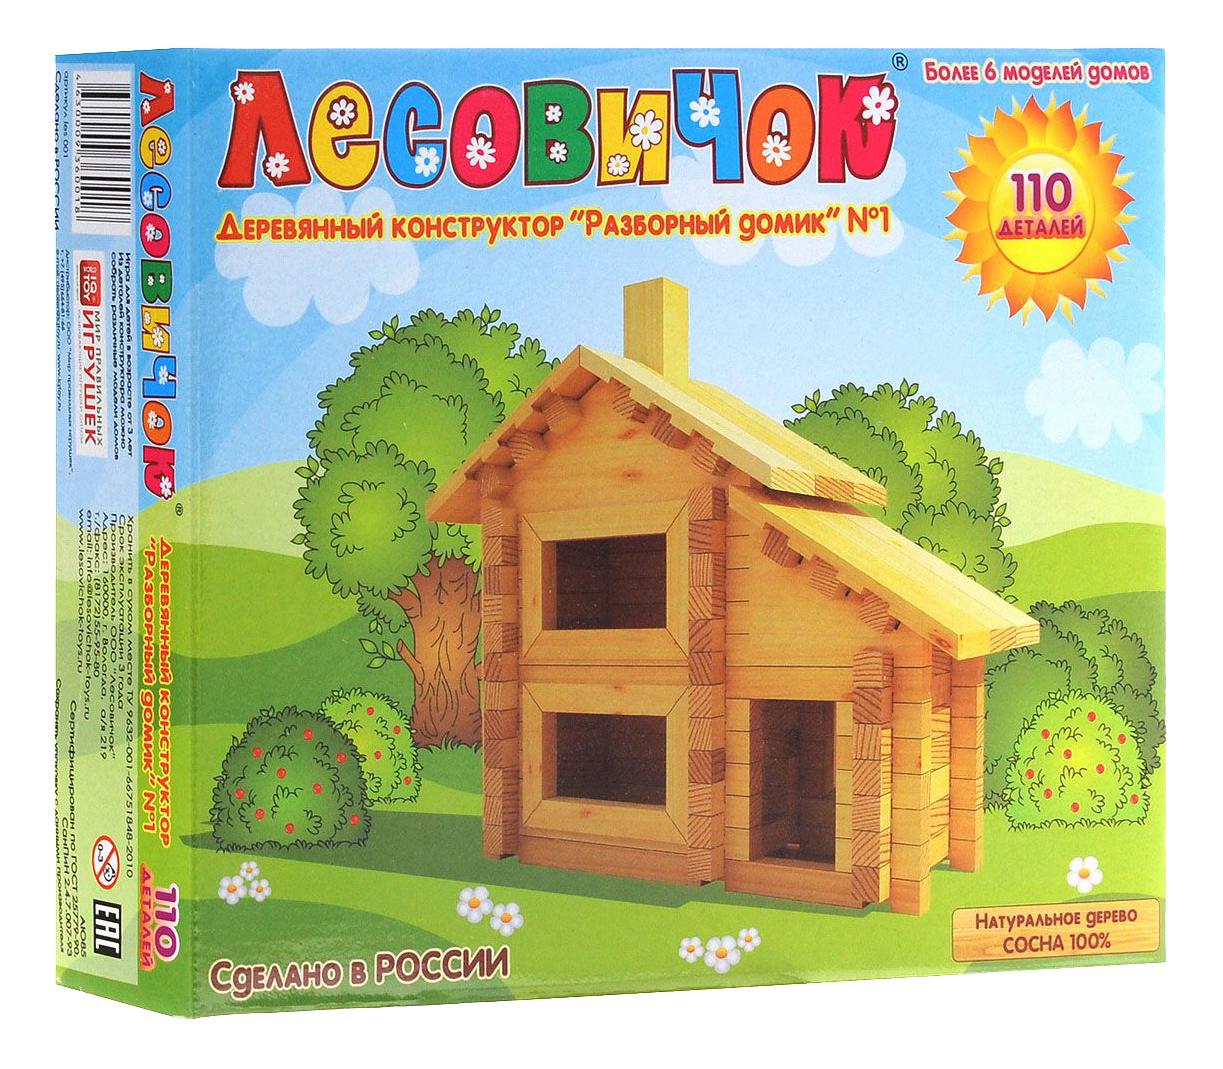 Конструктор деревянный Лесовичок Домик №1